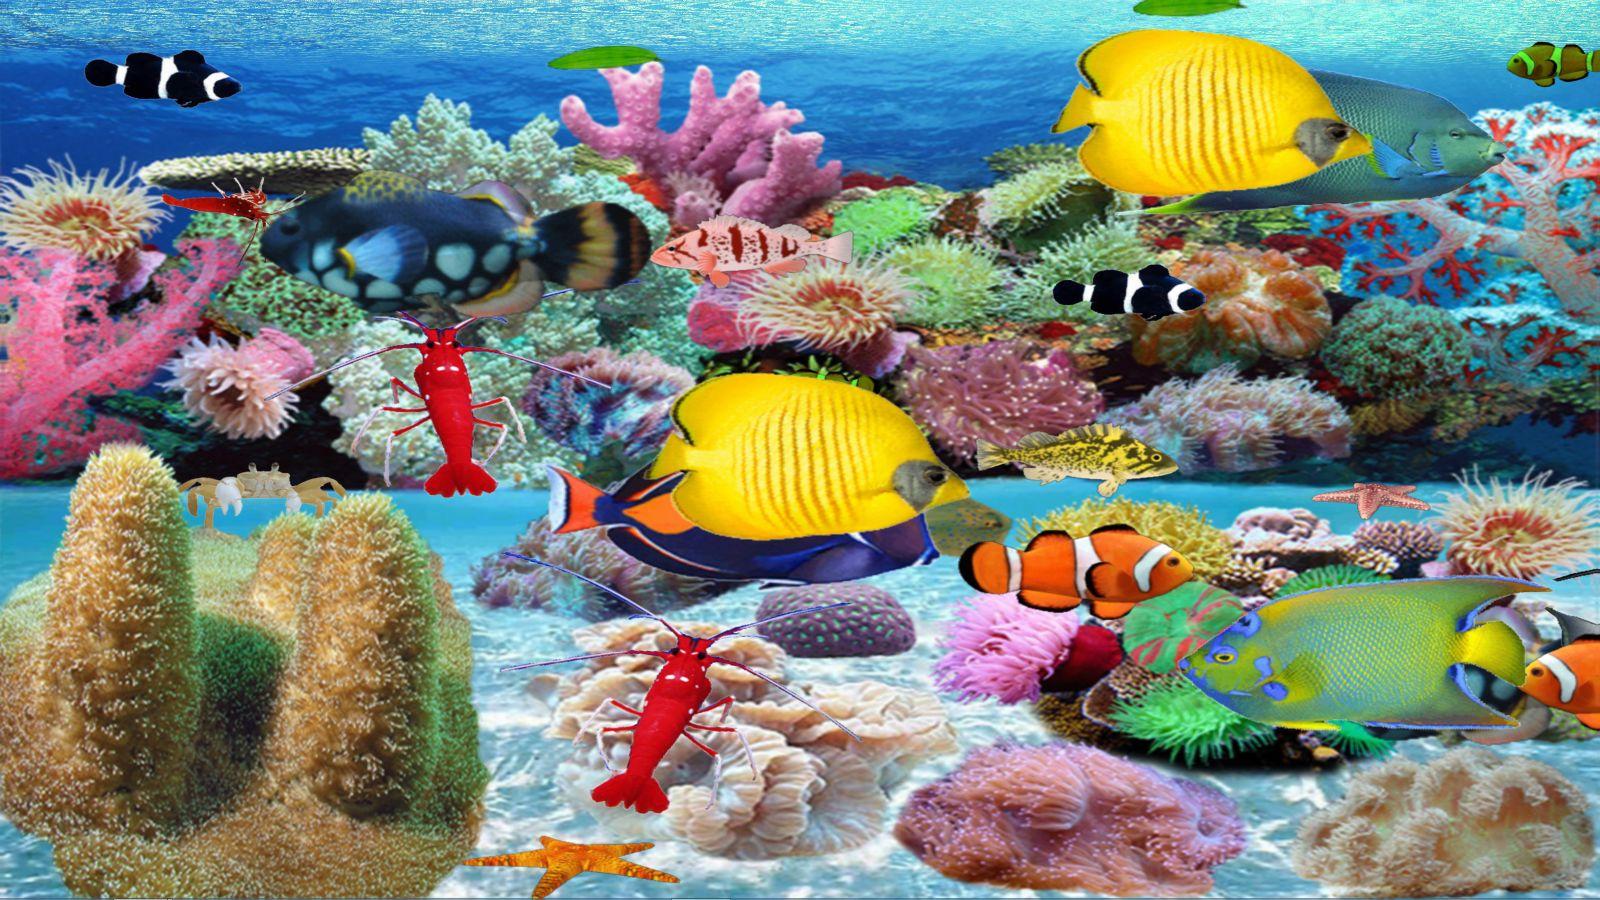 mer-de-corail-mou-telechargement